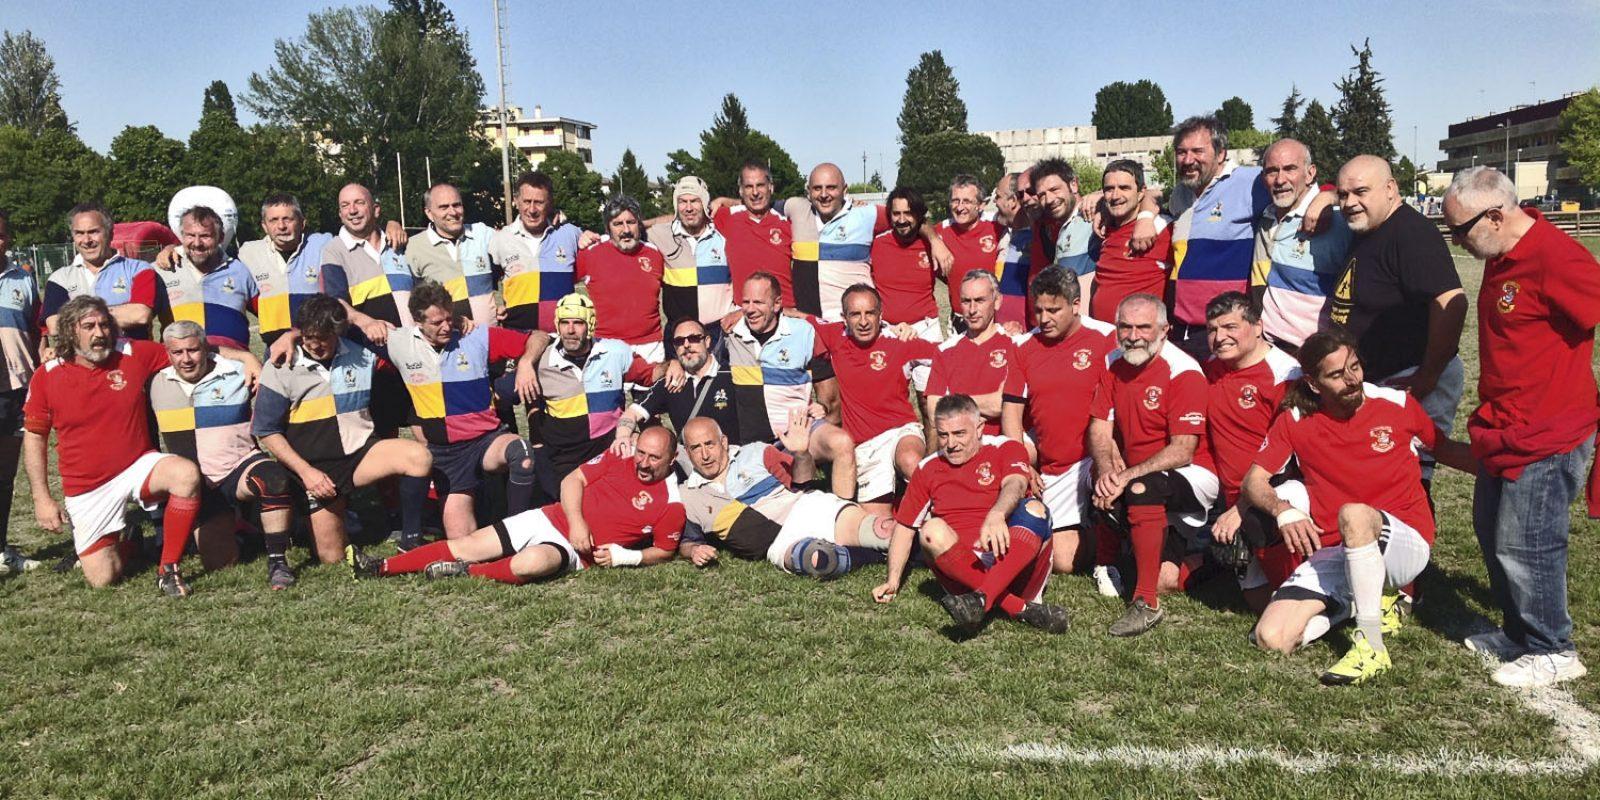 Torneo Old Over 50 de I Ribolliti al Padovani